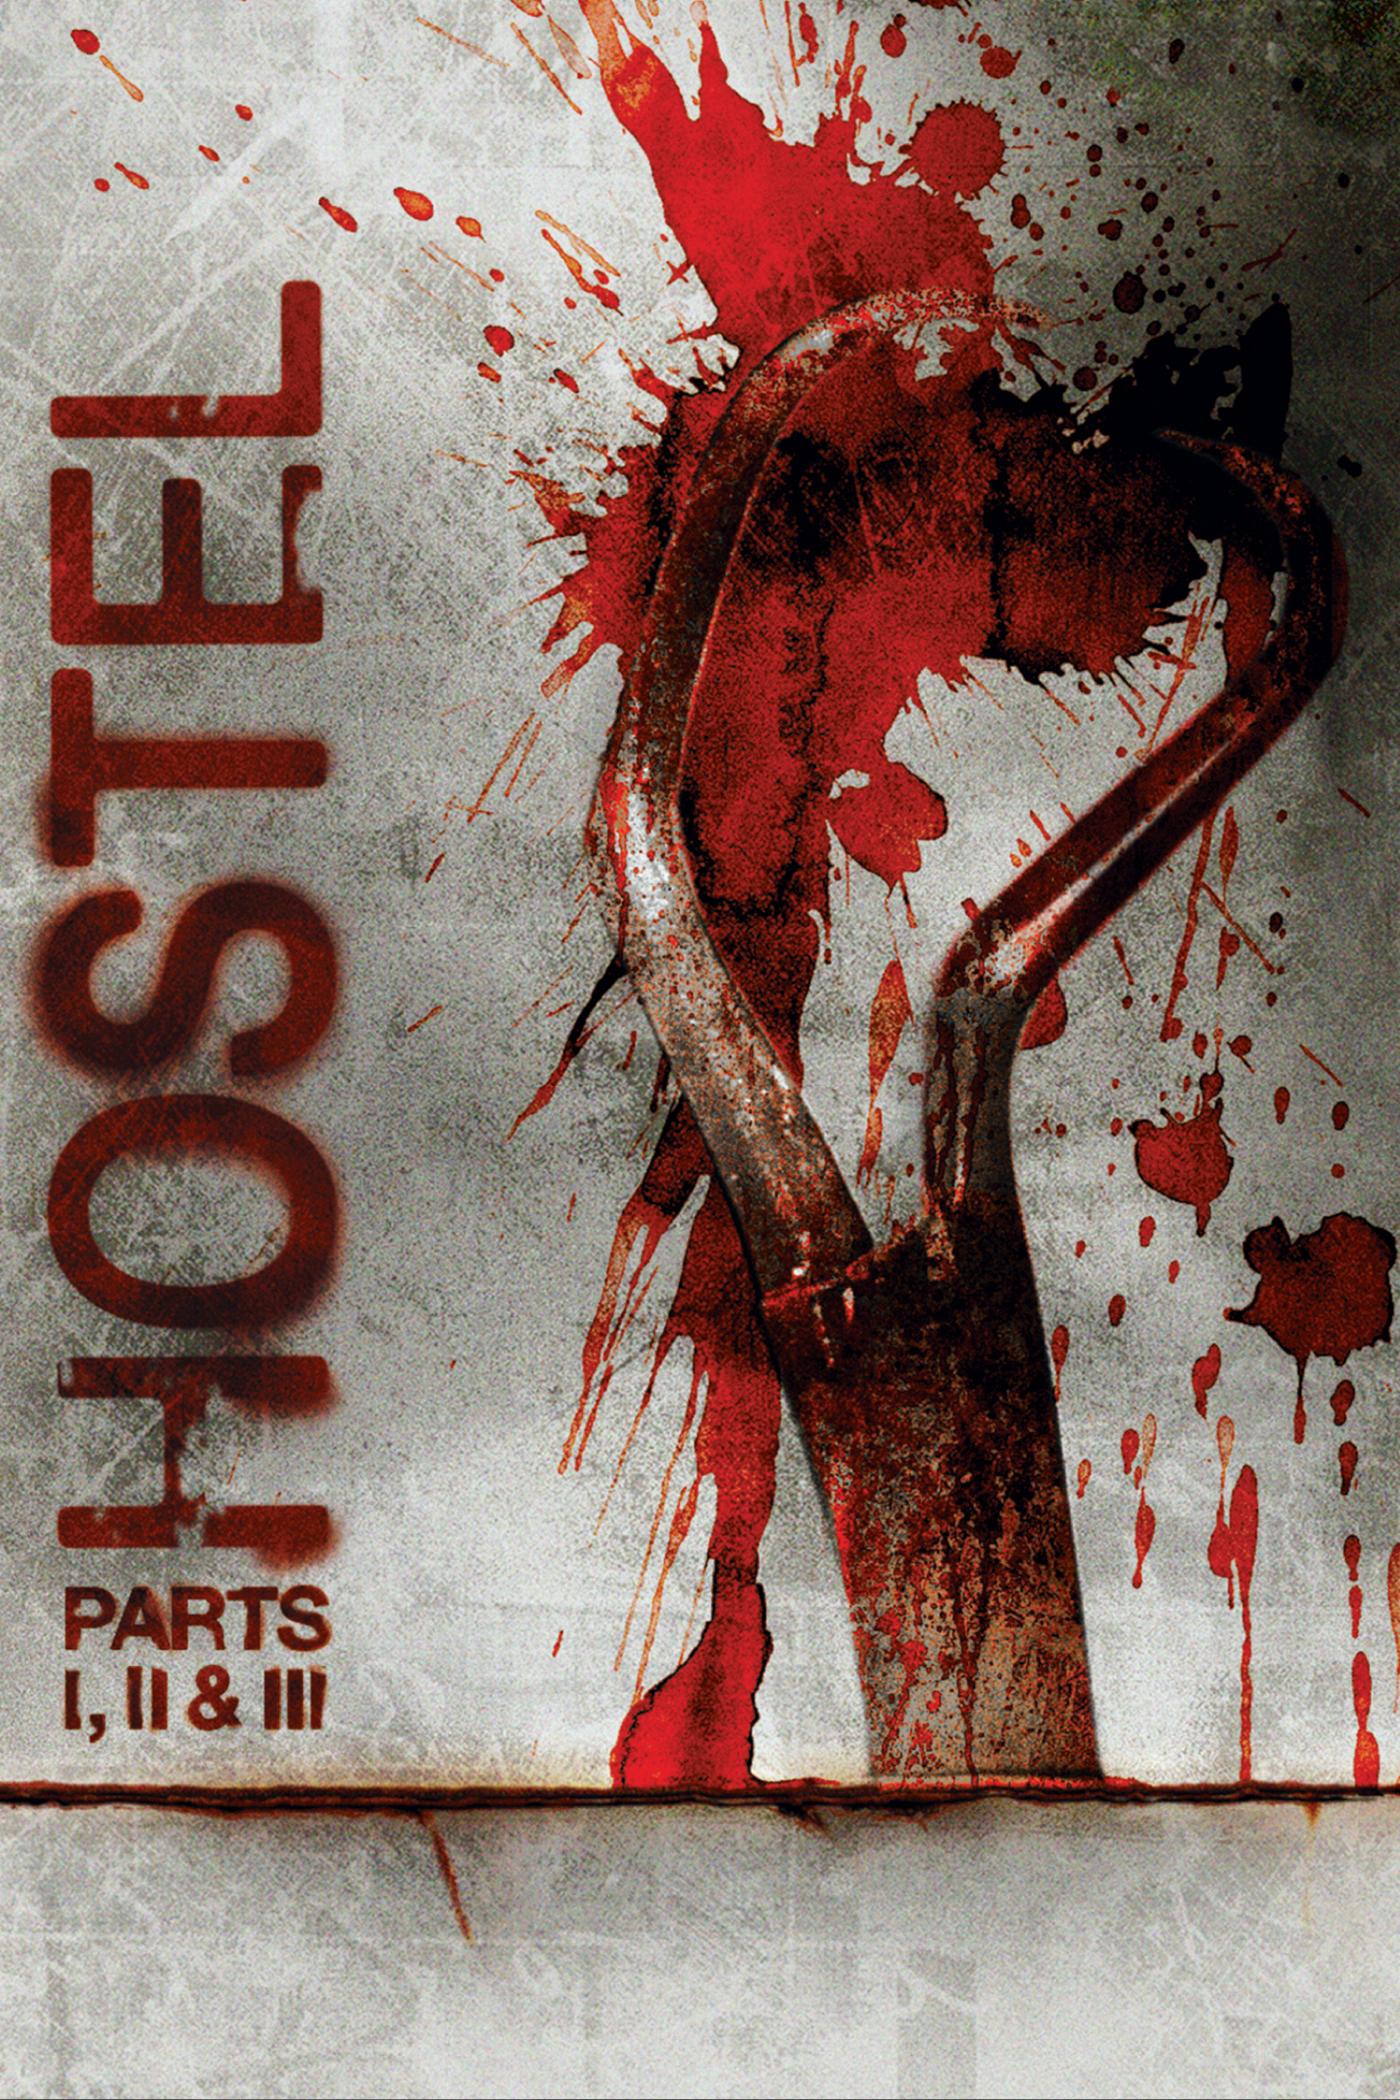 Hostel Parts I, II & III